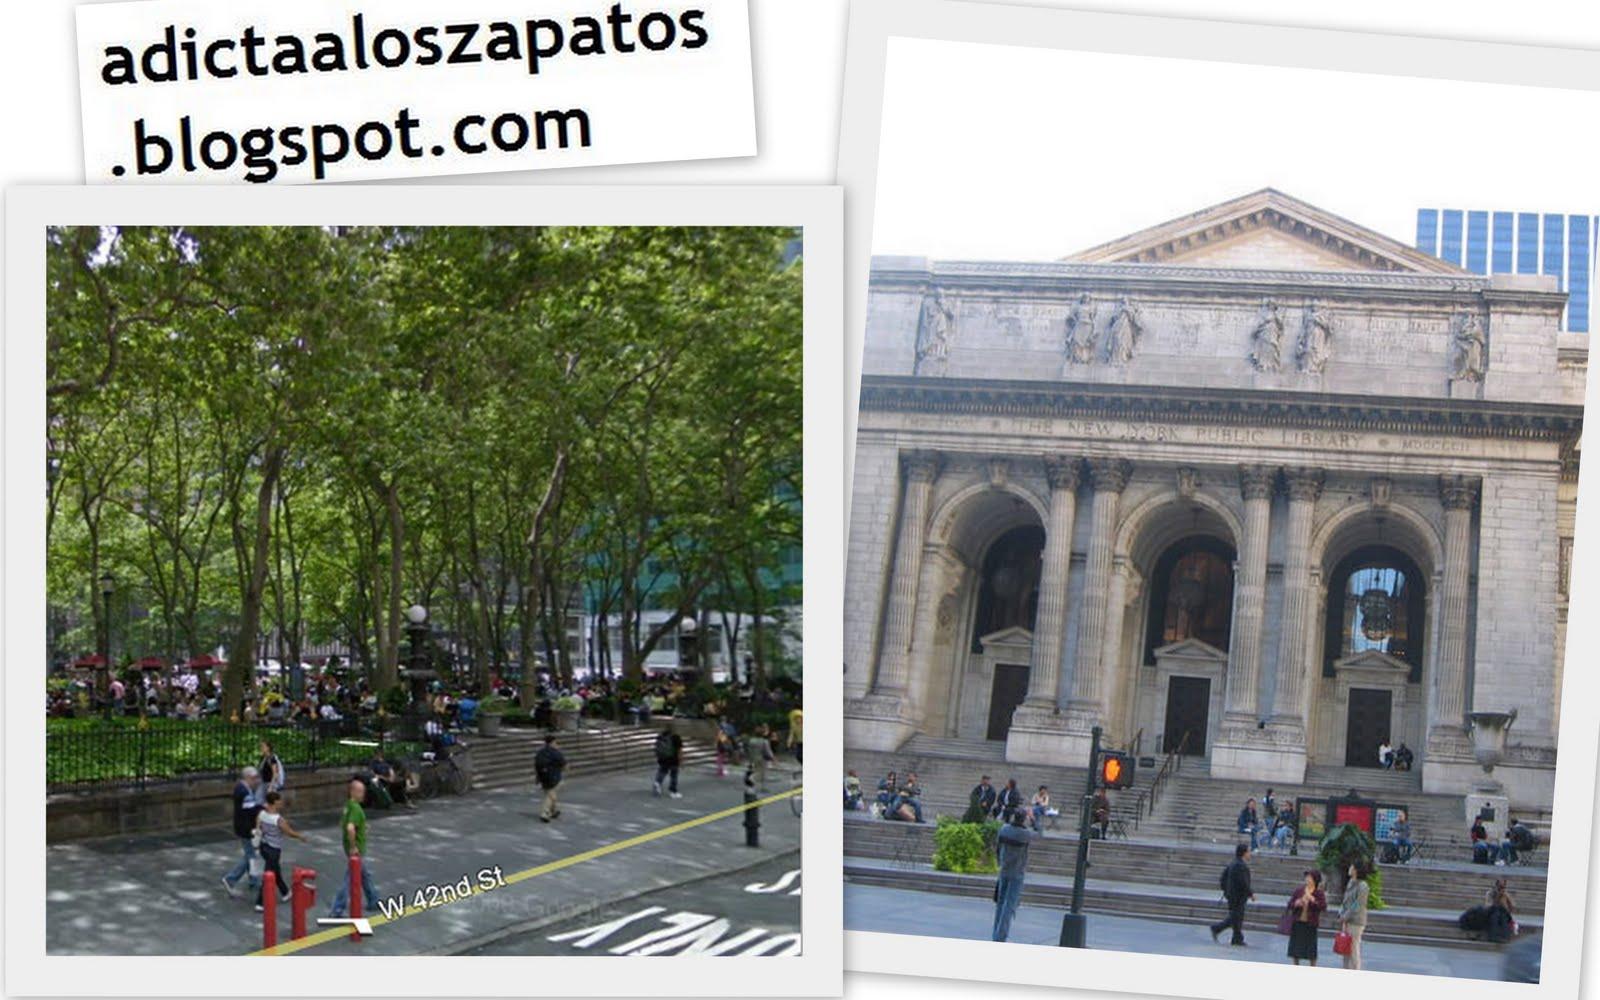 Adicta a los zapatos: Adicta a los zapatos en Nueva York